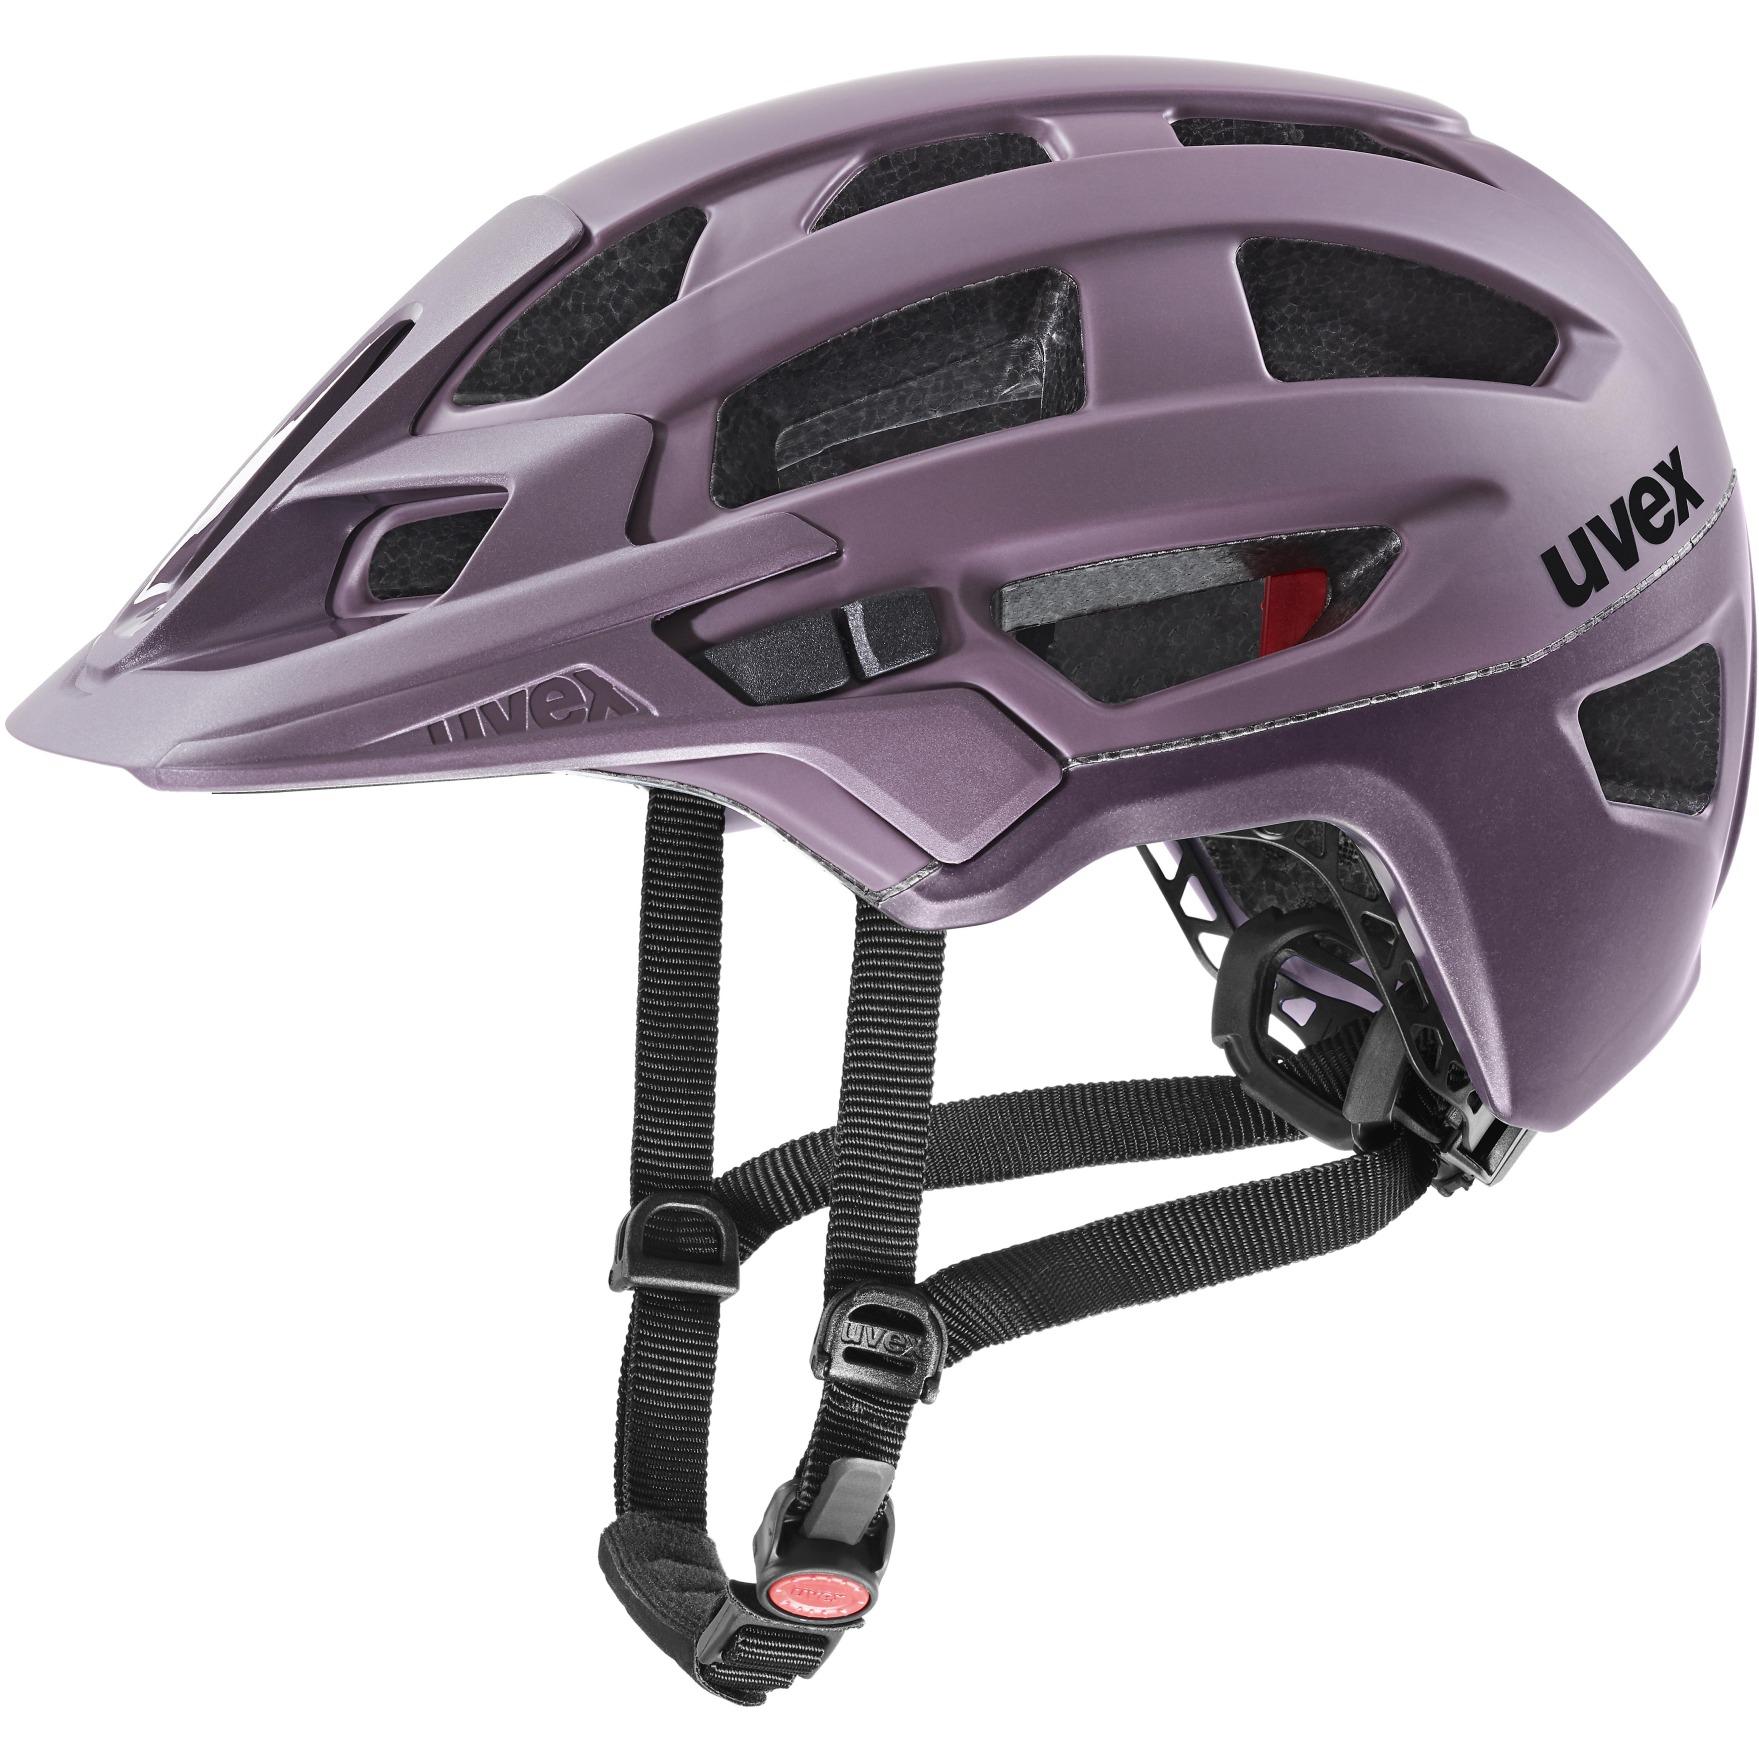 Image of Uvex finale 2.0 Helmet - plum mat